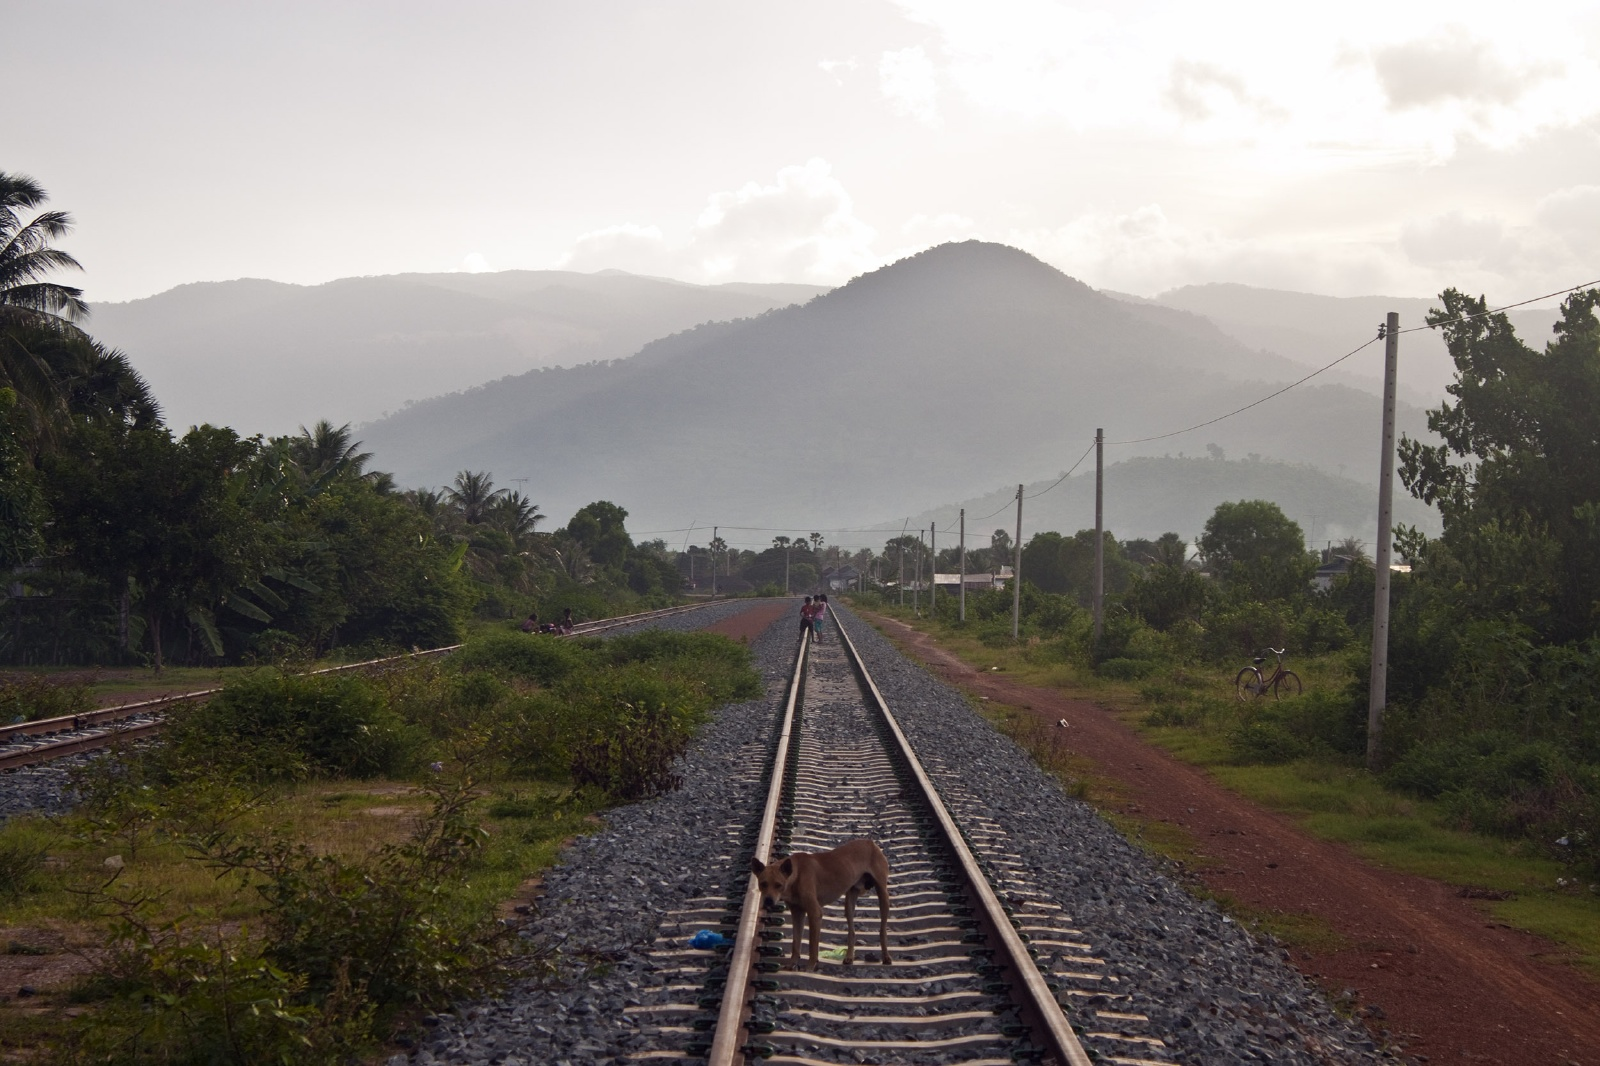 夕暮れの鉄路 カンボジアの鉄道風景